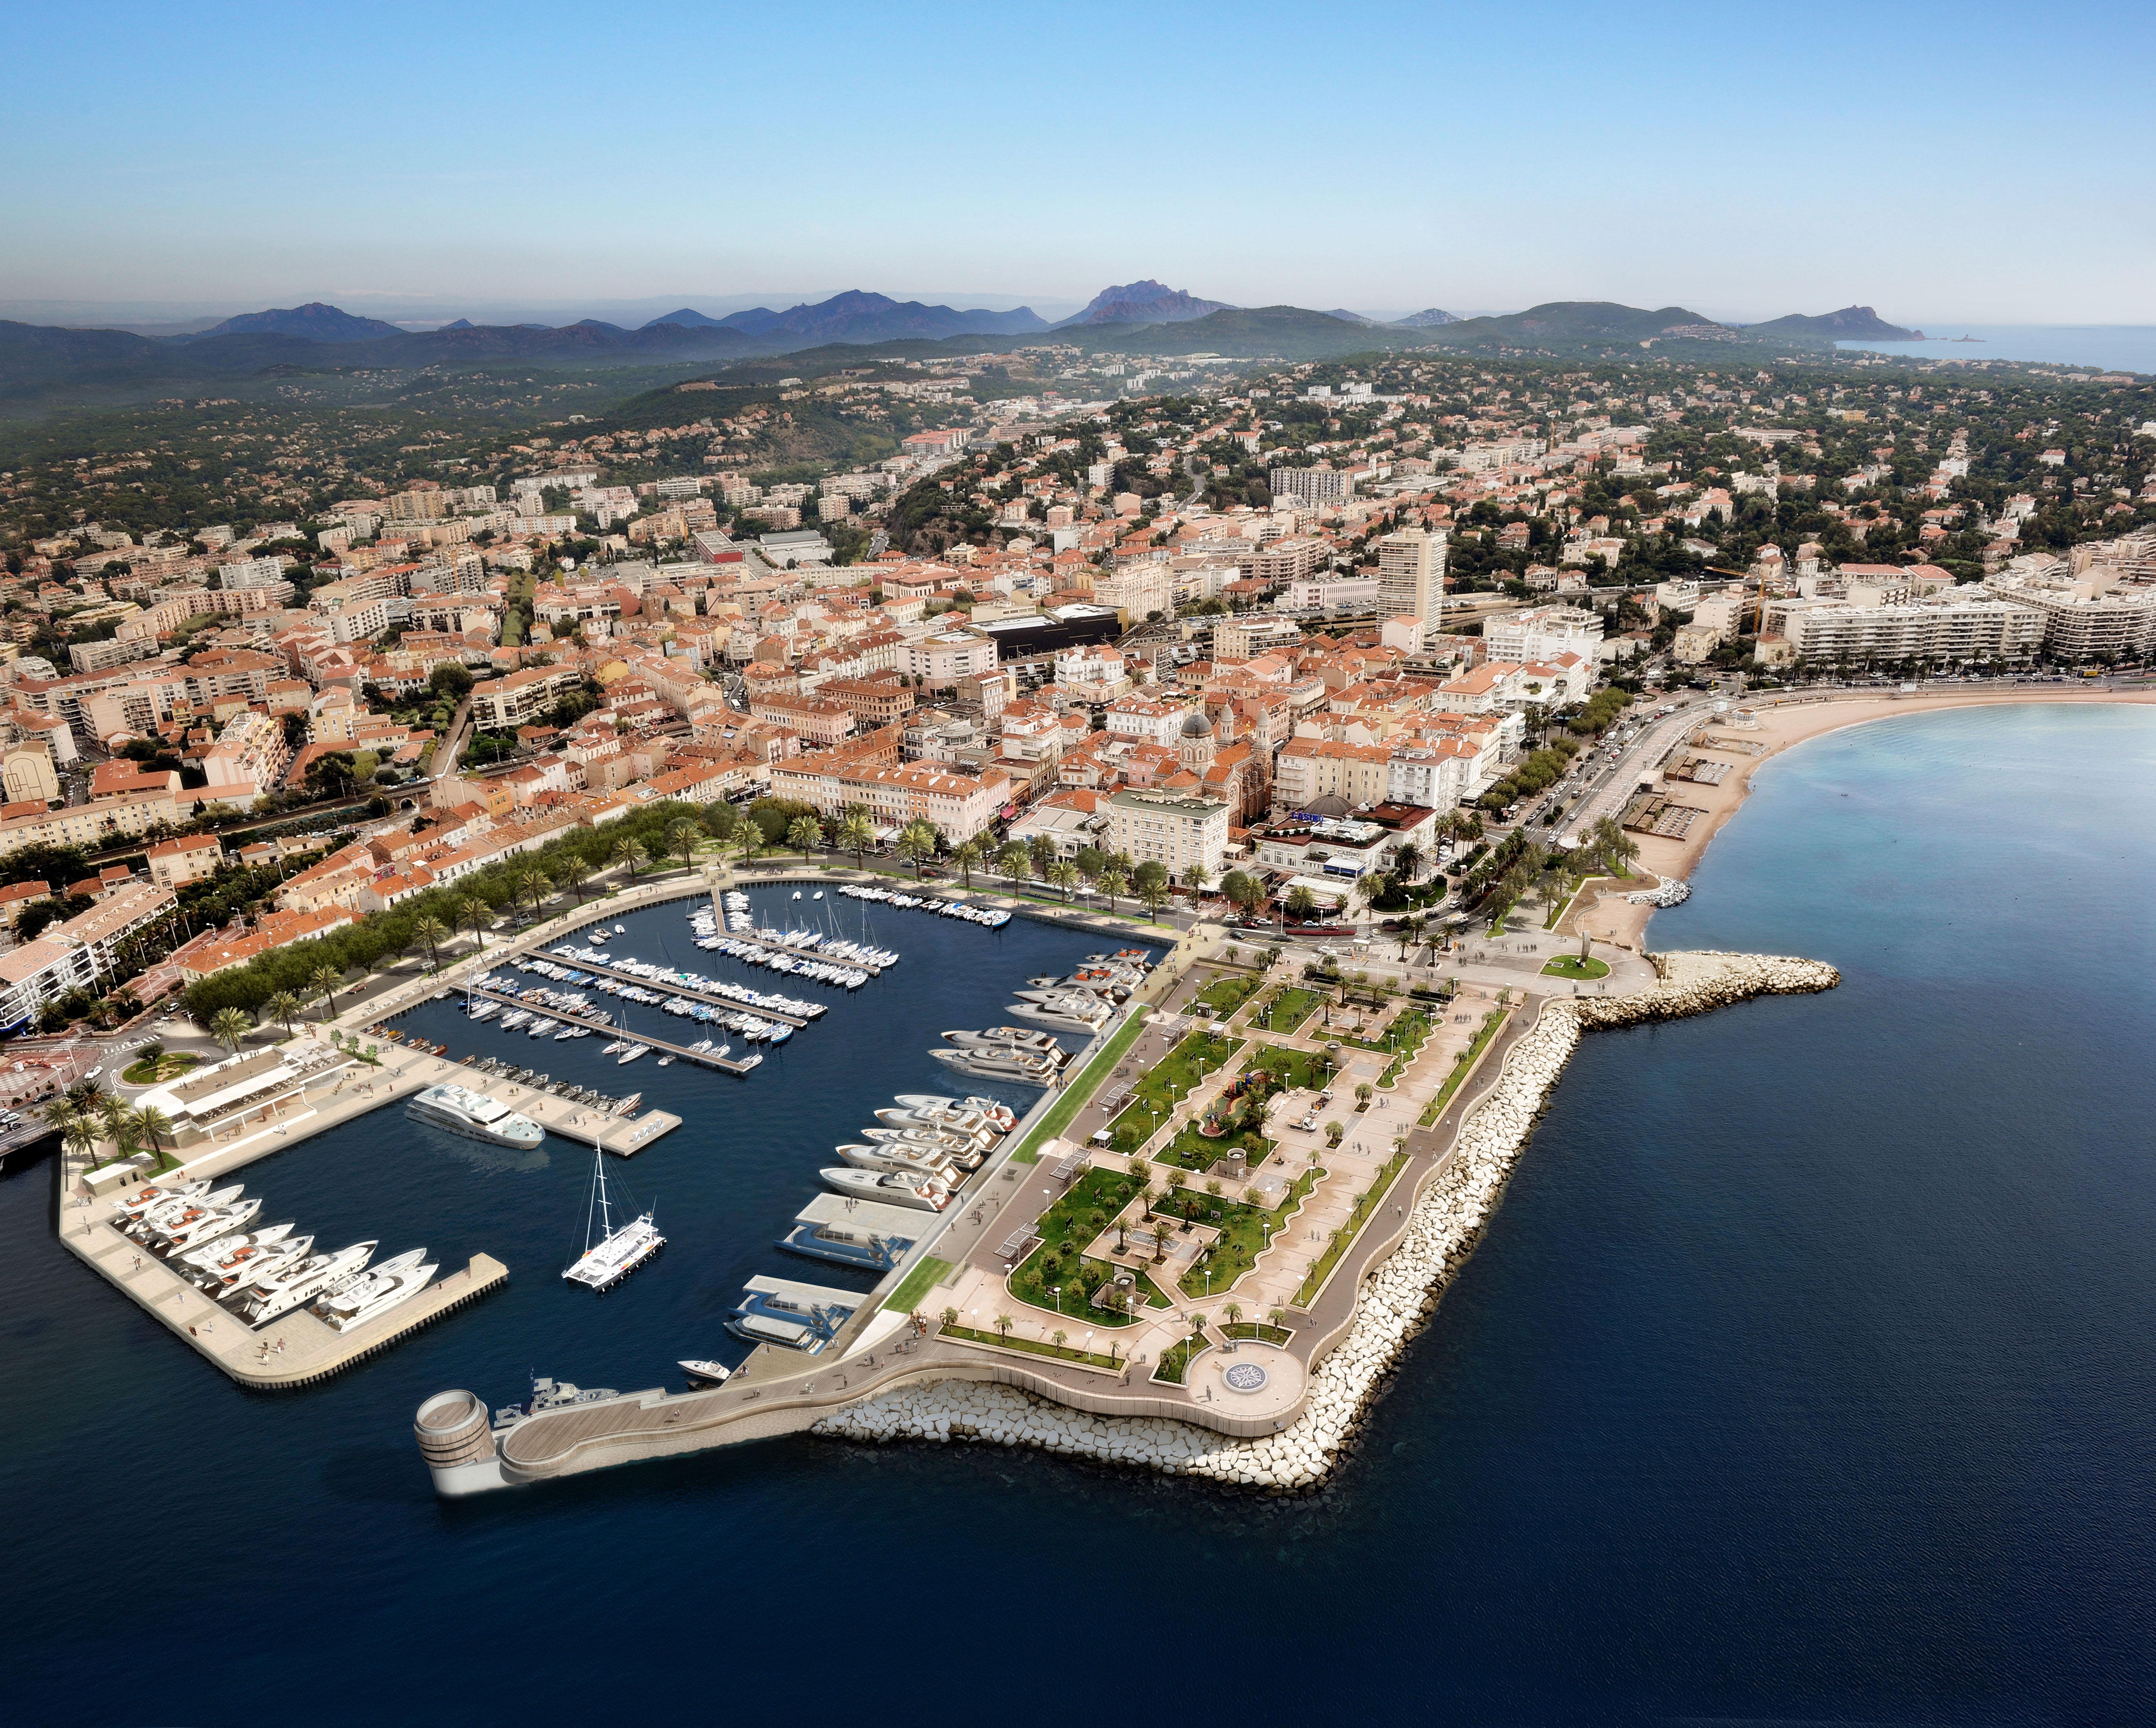 Rénovation du Vieux port de Saint-Raphaël dans le Var